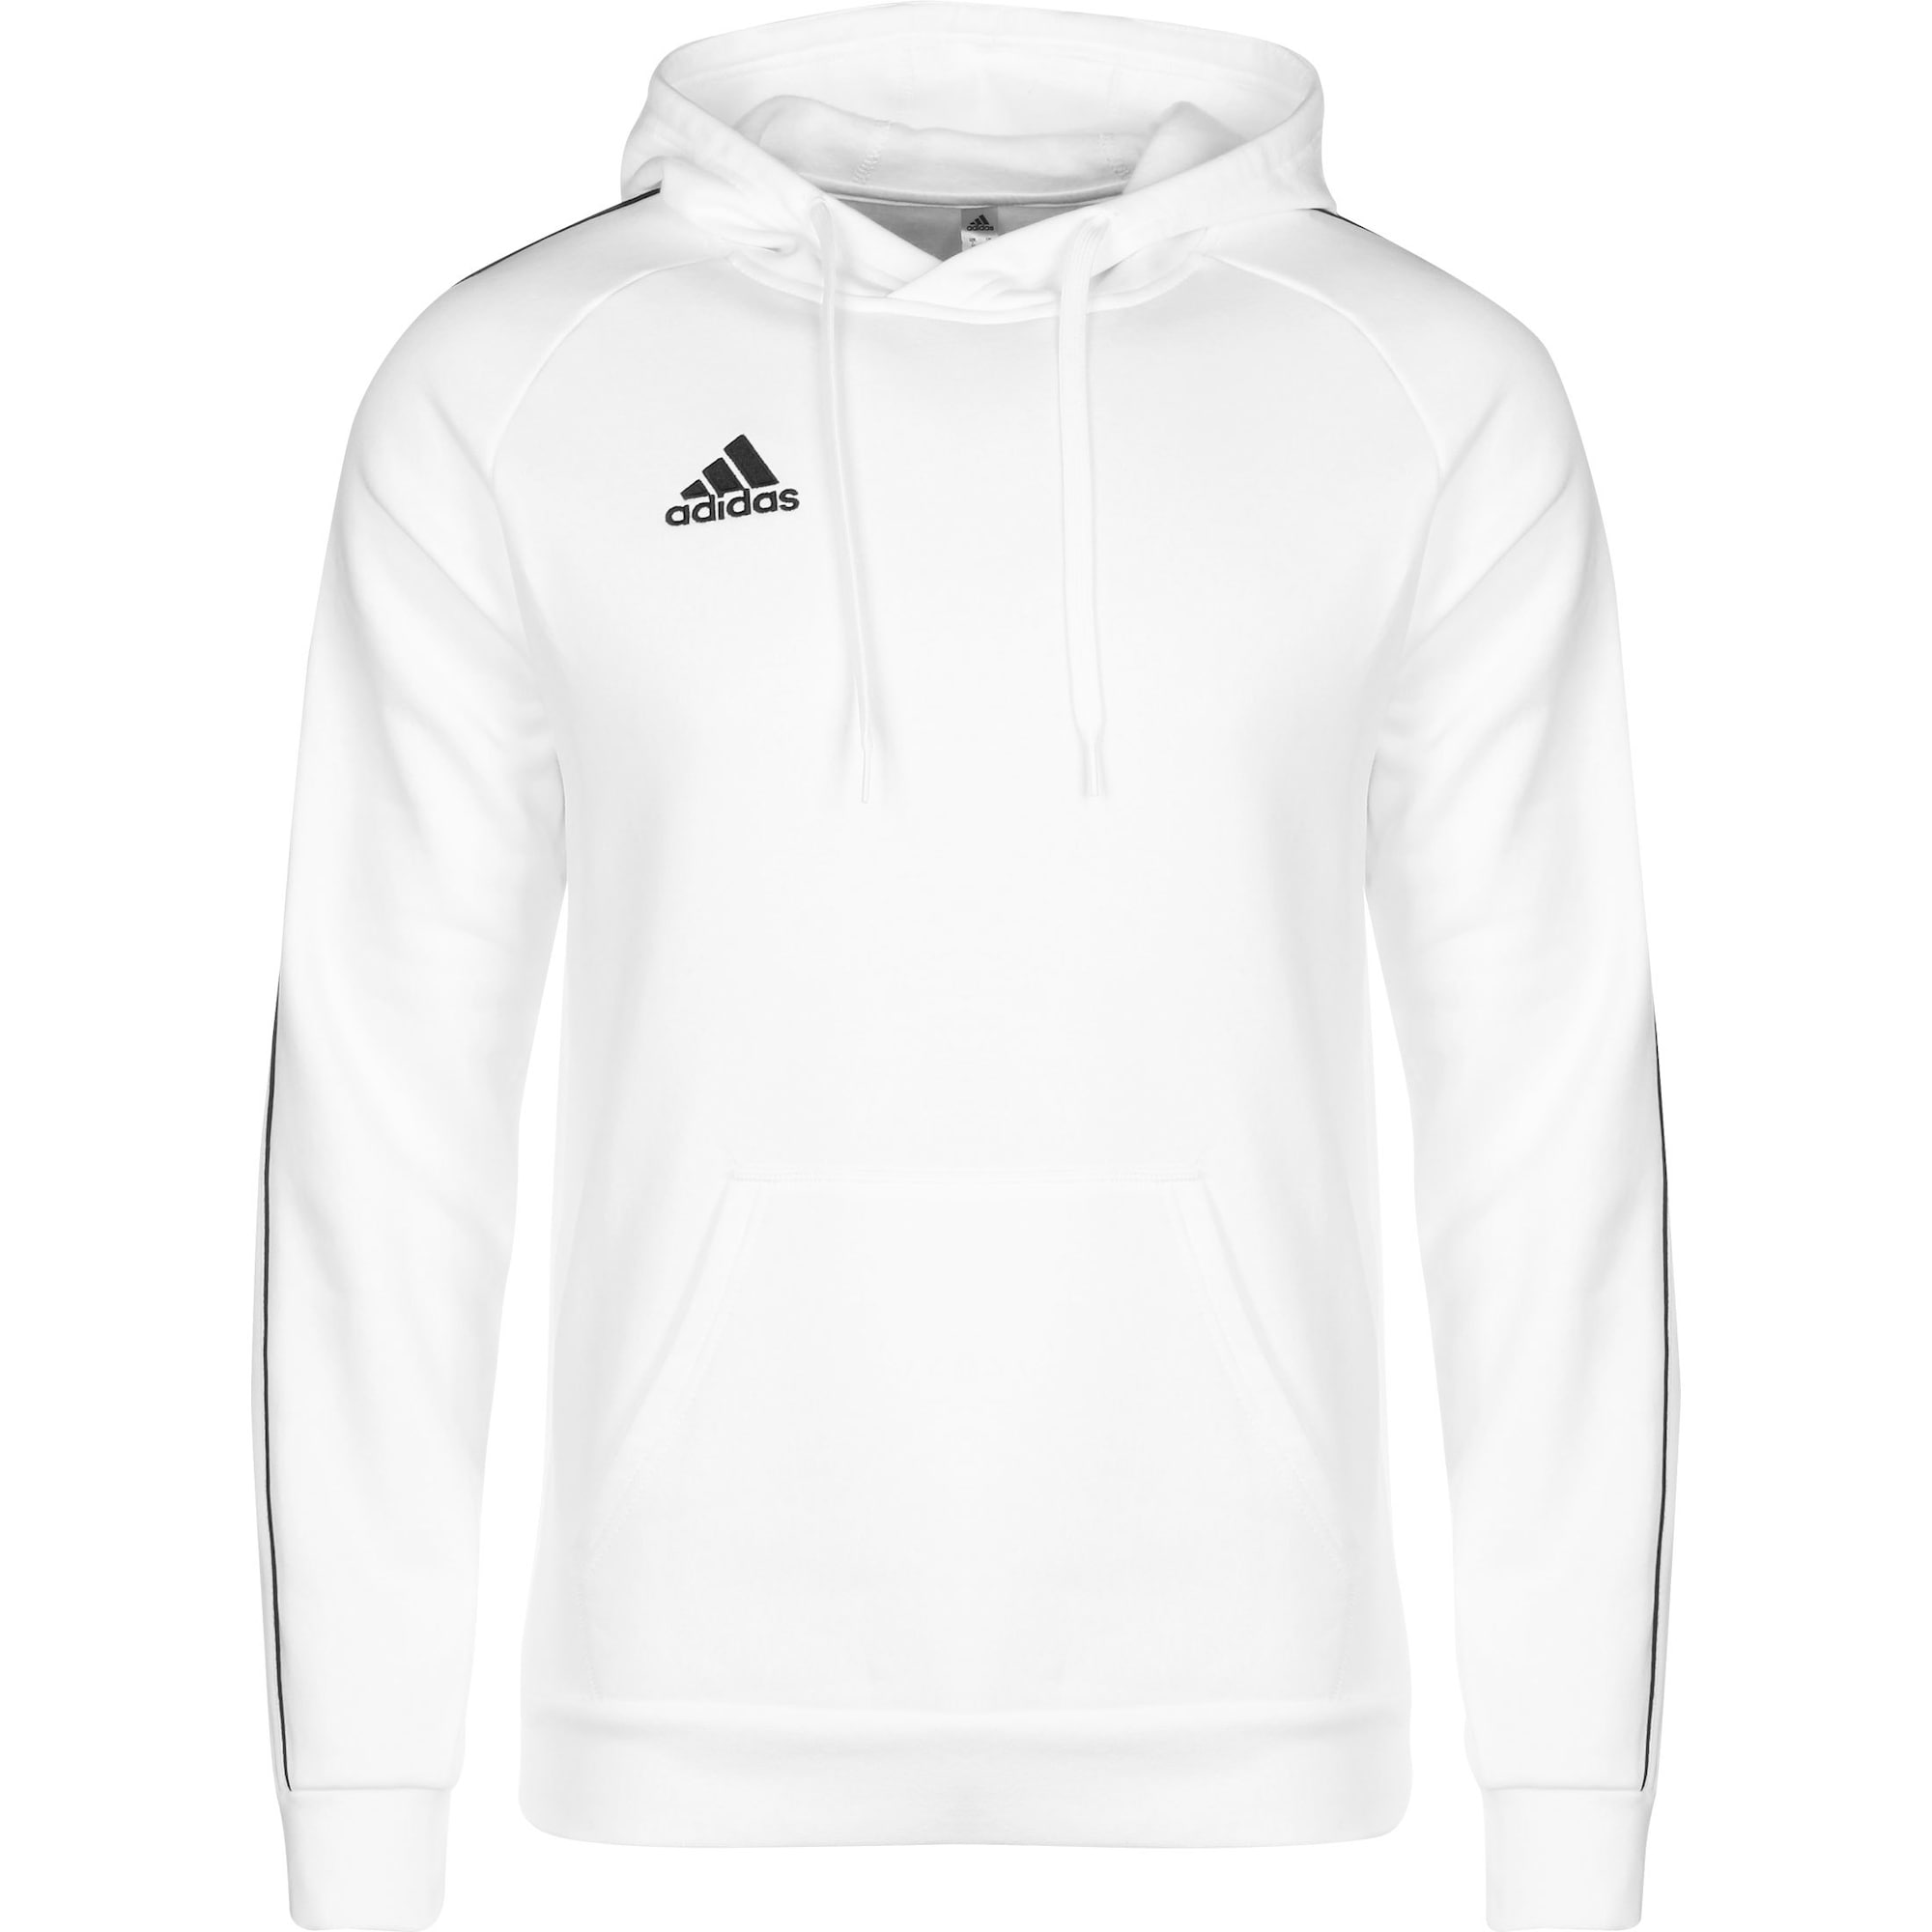 ADIDAS PERFORMANCE Sportinio tipo megztinis 'CORE 18' balta / juoda